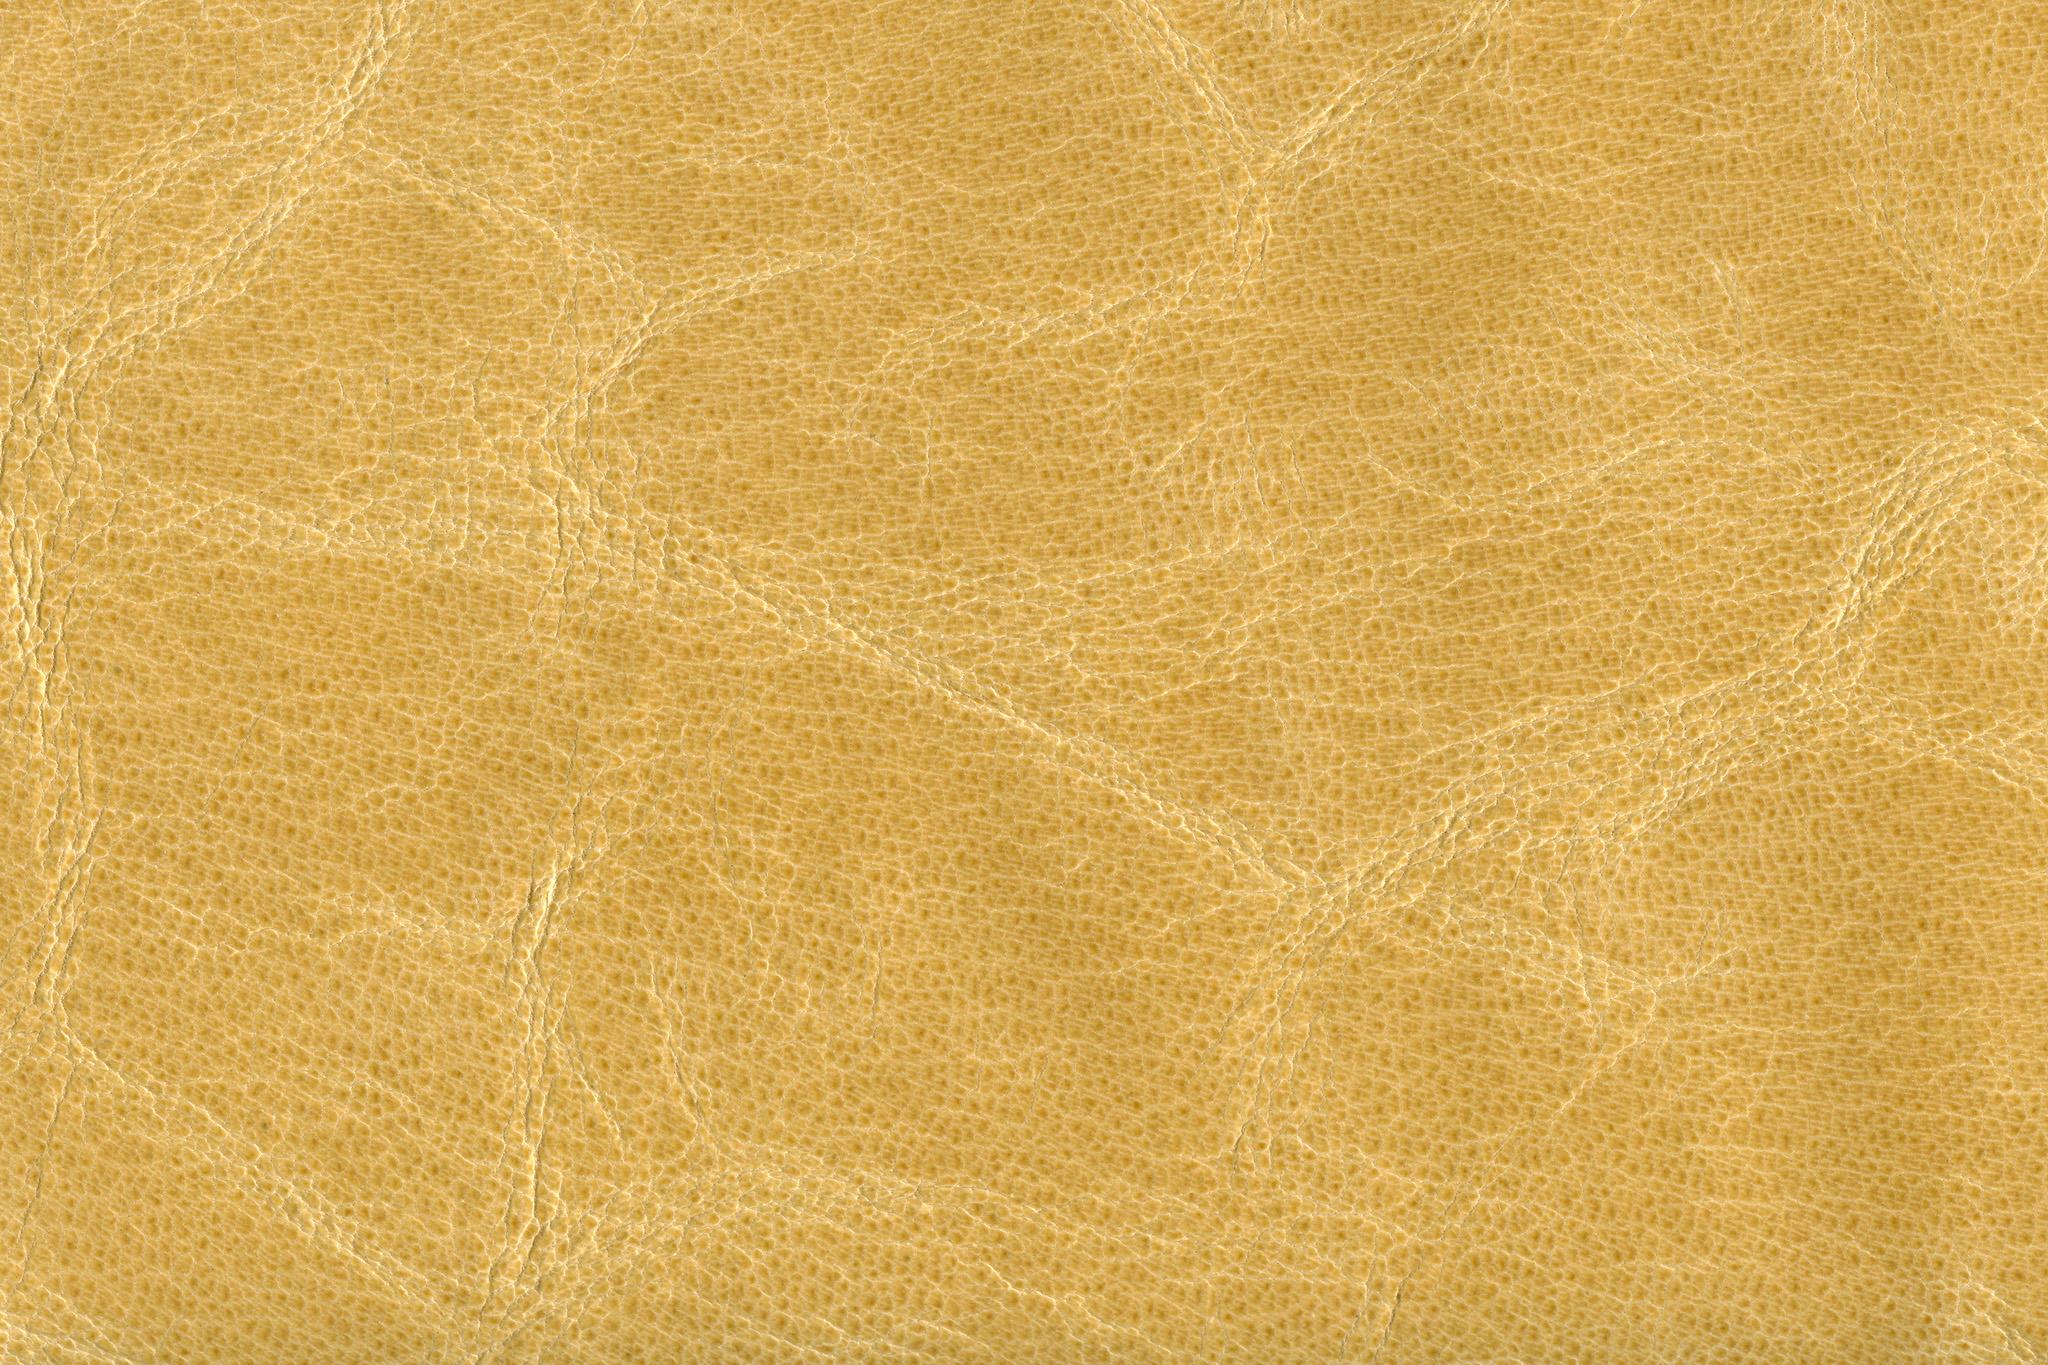 「キャメル色の革素材」の画像を無料ダウンロード